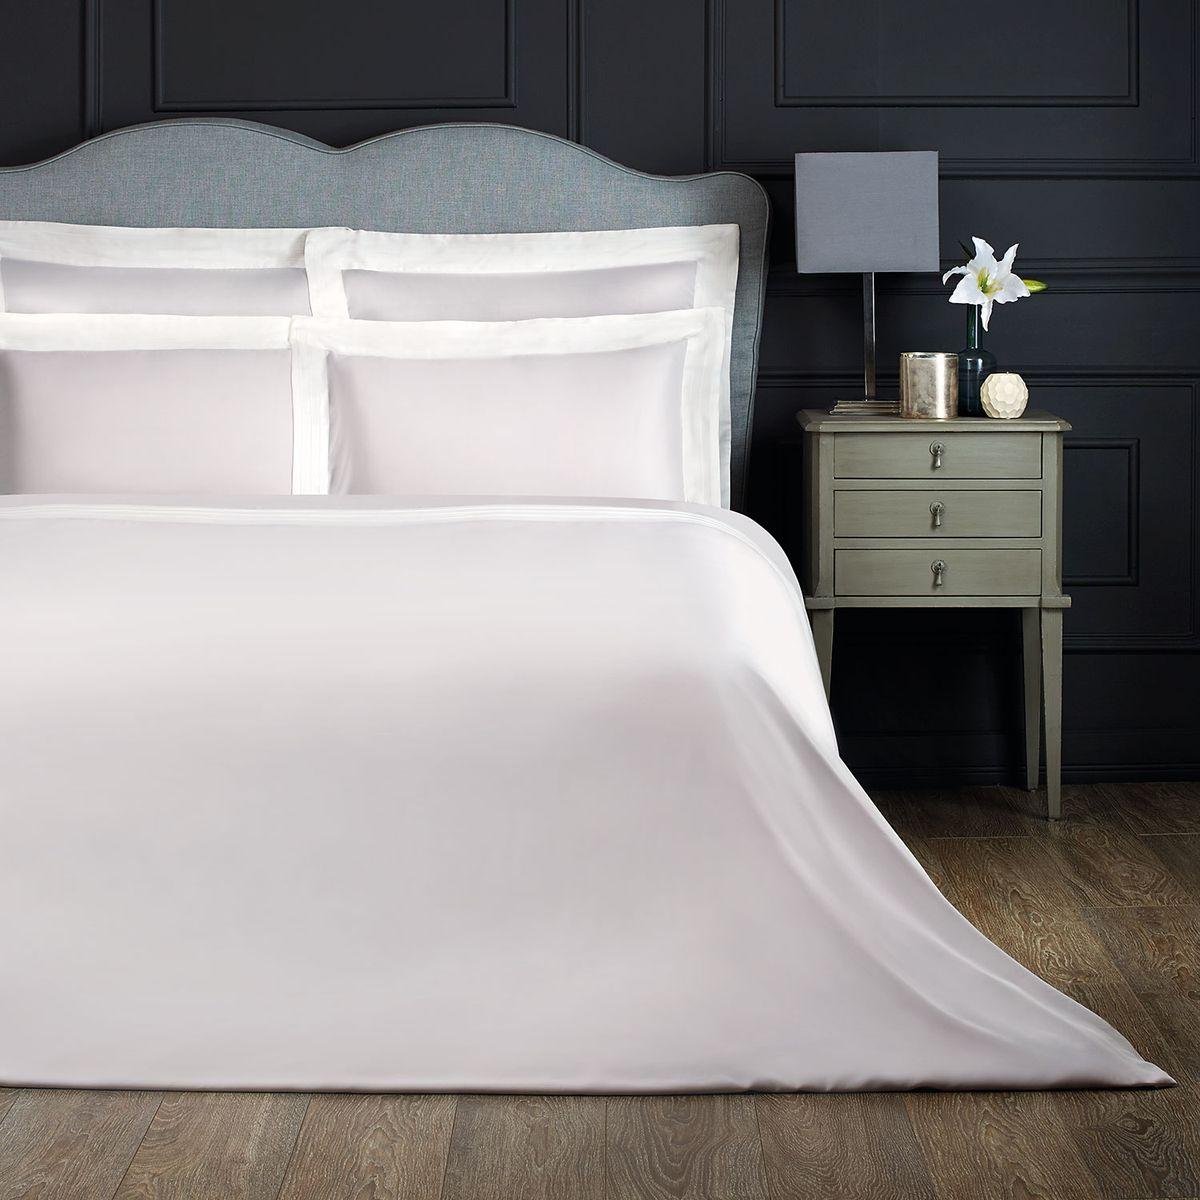 Комплект белья Togas Эдем, 1,5-спальный, наволочки 50х70, цвет: серый, белый30.07.30.0012Комплект постельного белья Togas Эдем, выполненный из 100% бамбукового волокна, состоит из пододеяльника, простыни и двух наволочек. Изделия имеют классический крой. Бамбуковое волокно - регенерированное целлюлозное волокно, изготовленное из стебля бамбука. Комплект постельного белья Togas Эдем гармонично впишется в интерьер вашей спальни и создаст атмосферу уюта и комфорта.